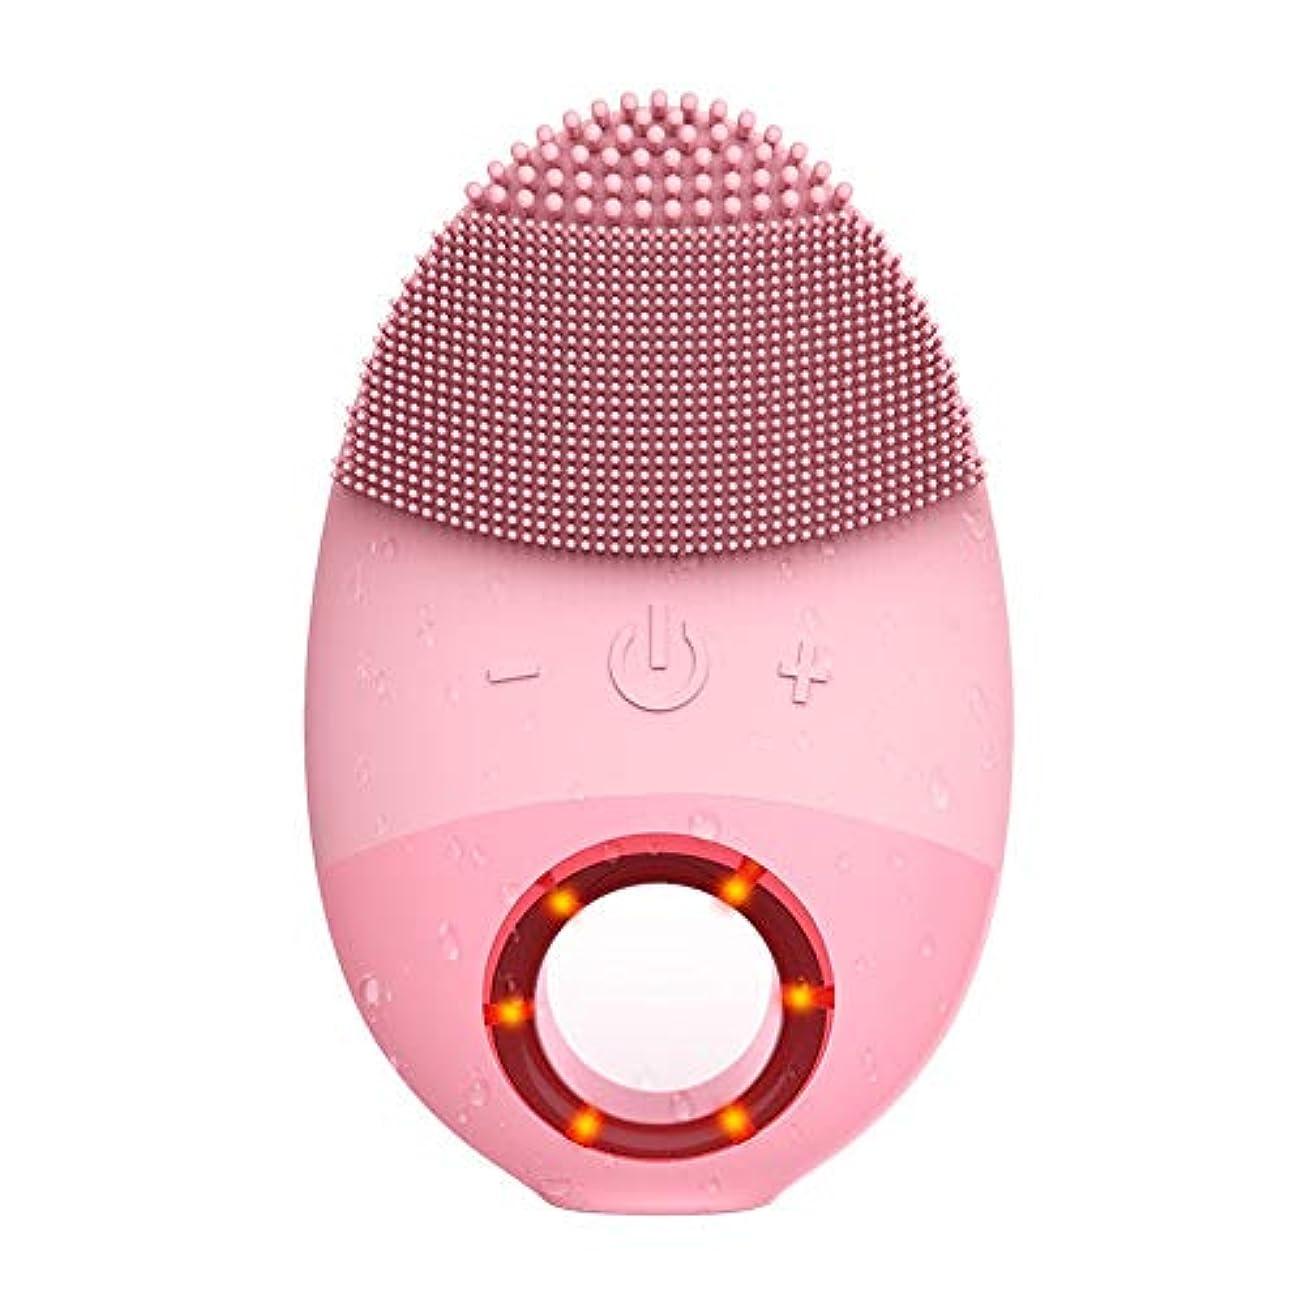 風味ゴール素晴らしい良い多くのZXF 多機能シリコン防水洗浄ブラシ超音波振動洗浄器具美容器具マッサージ器具洗浄器具 滑らかである (色 : Pink)